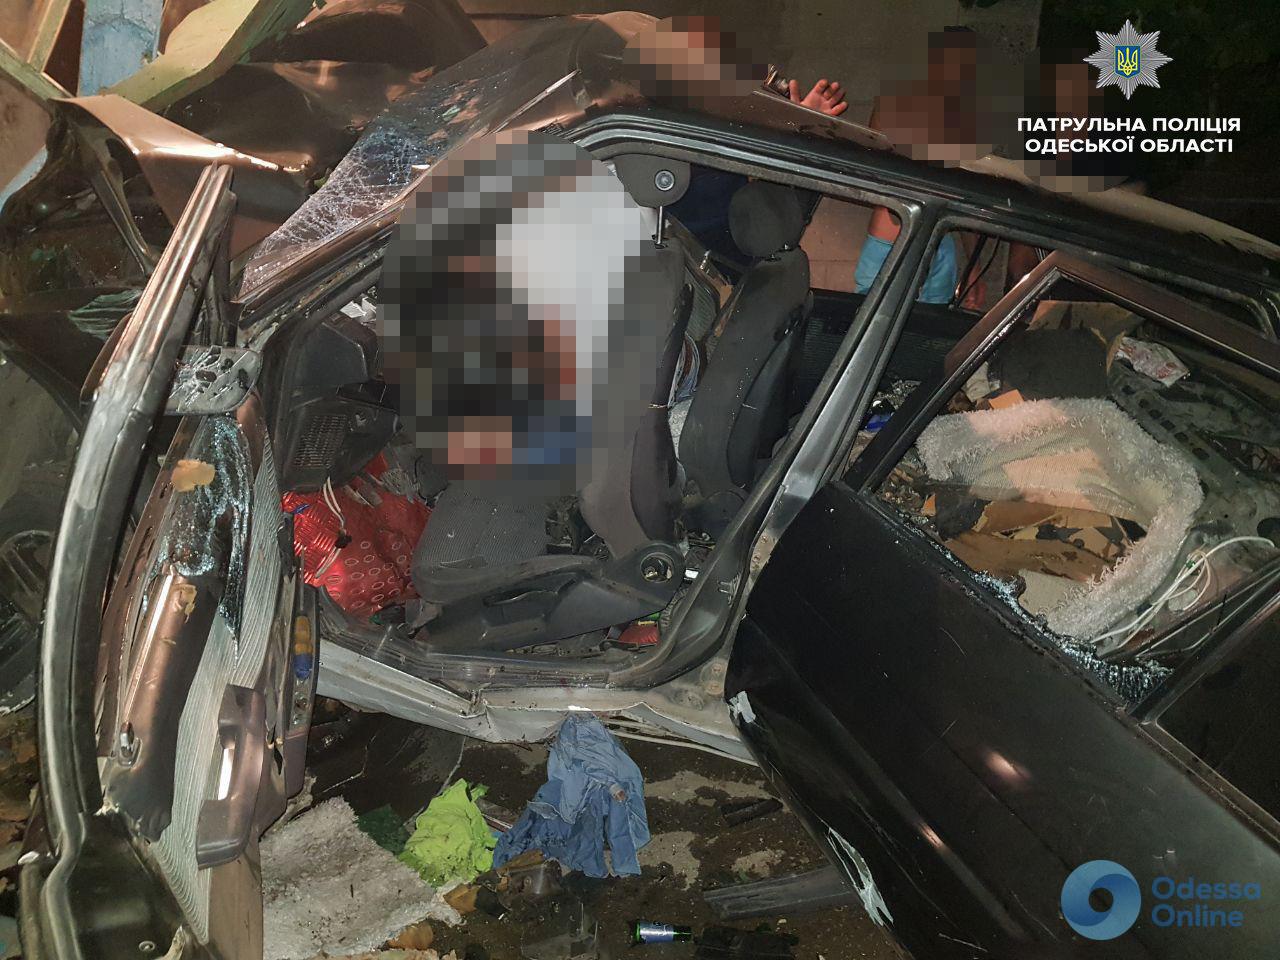 В Одессе на Слободке в результате ДТП погиб ребенок (фото, обновлено)